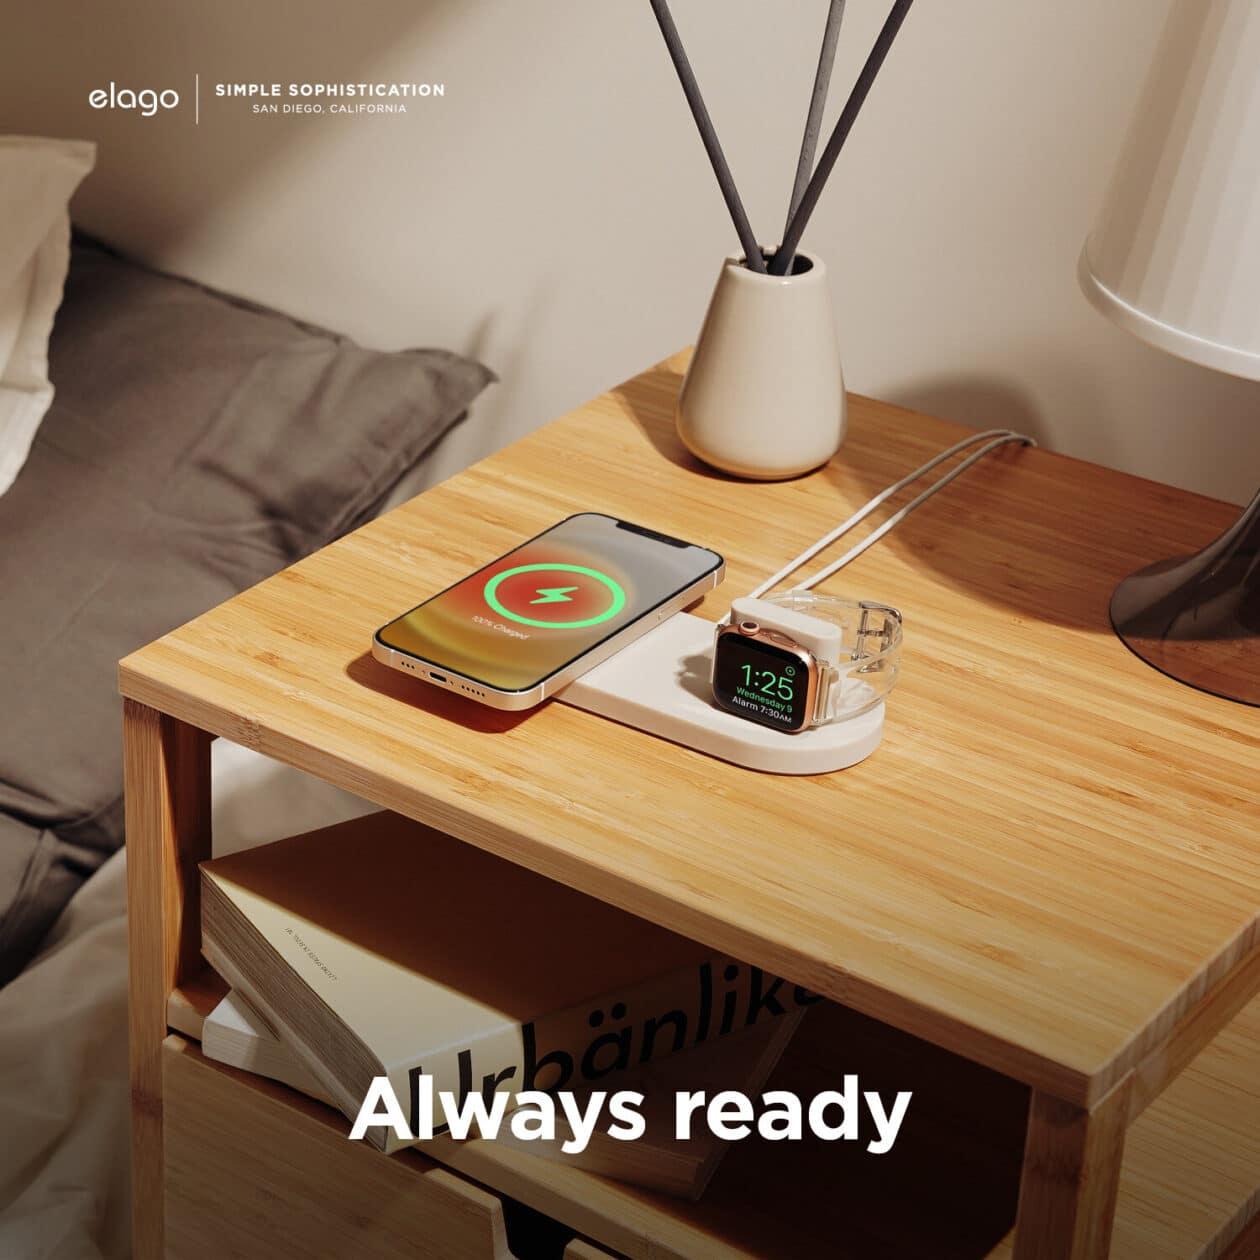 MagSafe Charging Hub Duo Watch, da elago